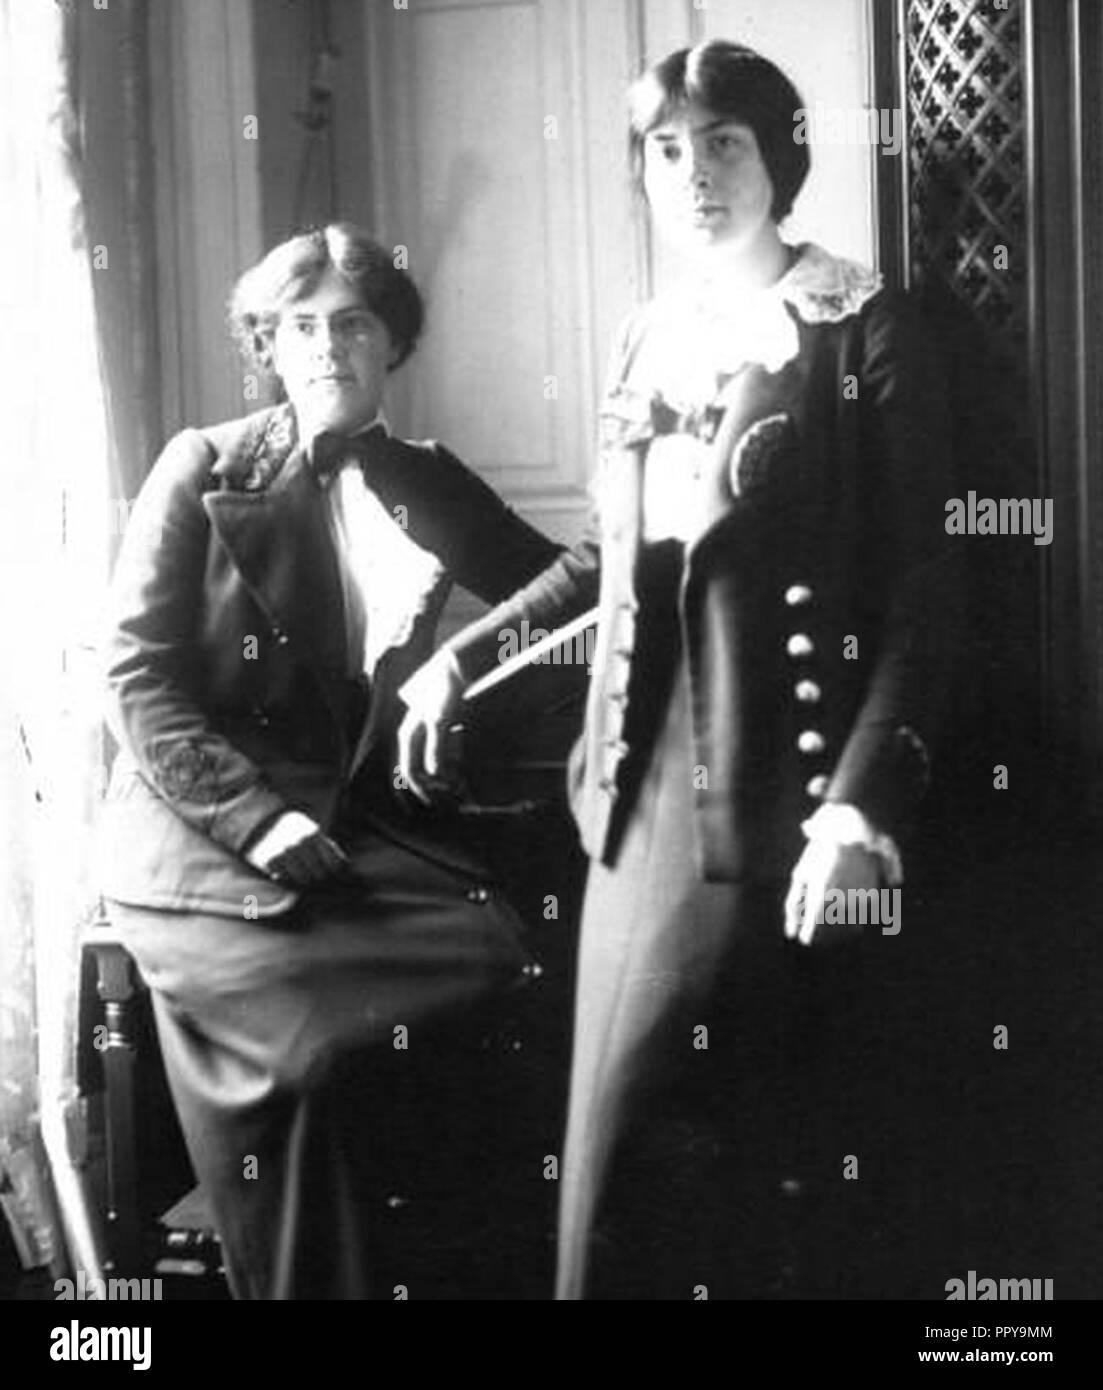 Nadia et Lili Boulanger 1913. Stock Photo